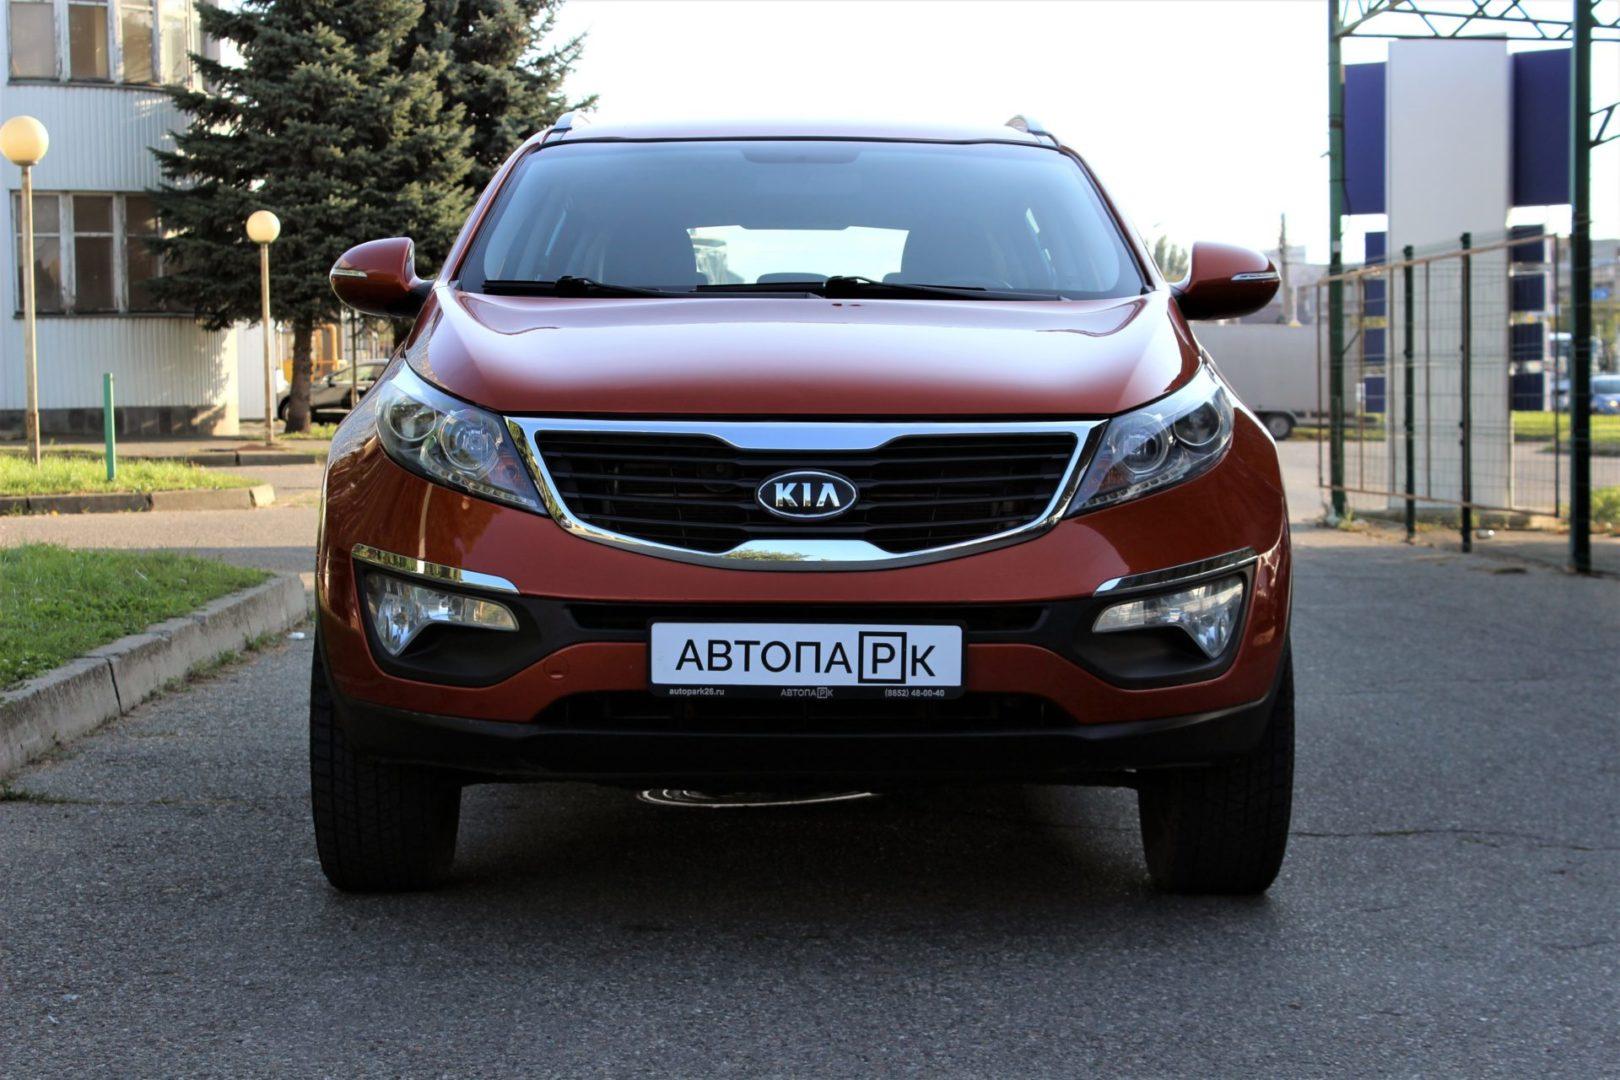 Купить Kia Sportage (Оранжевый) - Автопарк Ставрополь